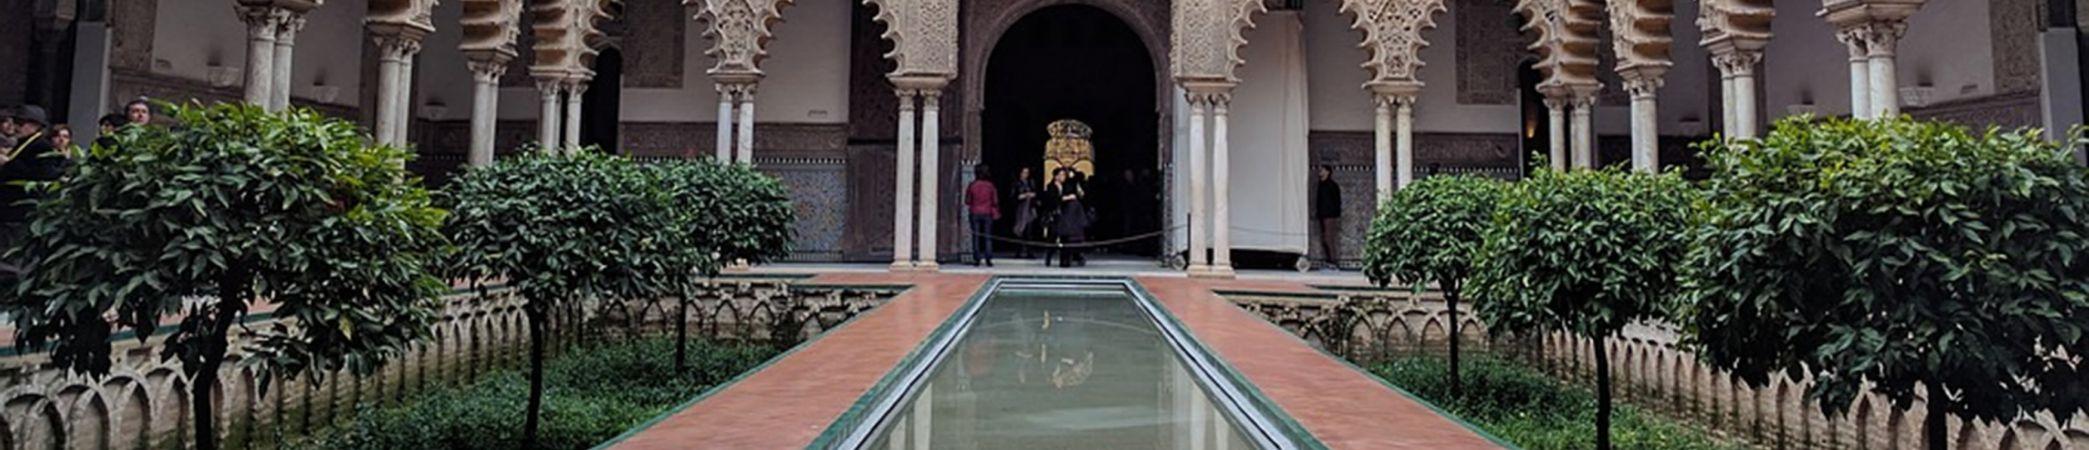 Seville Film Festival